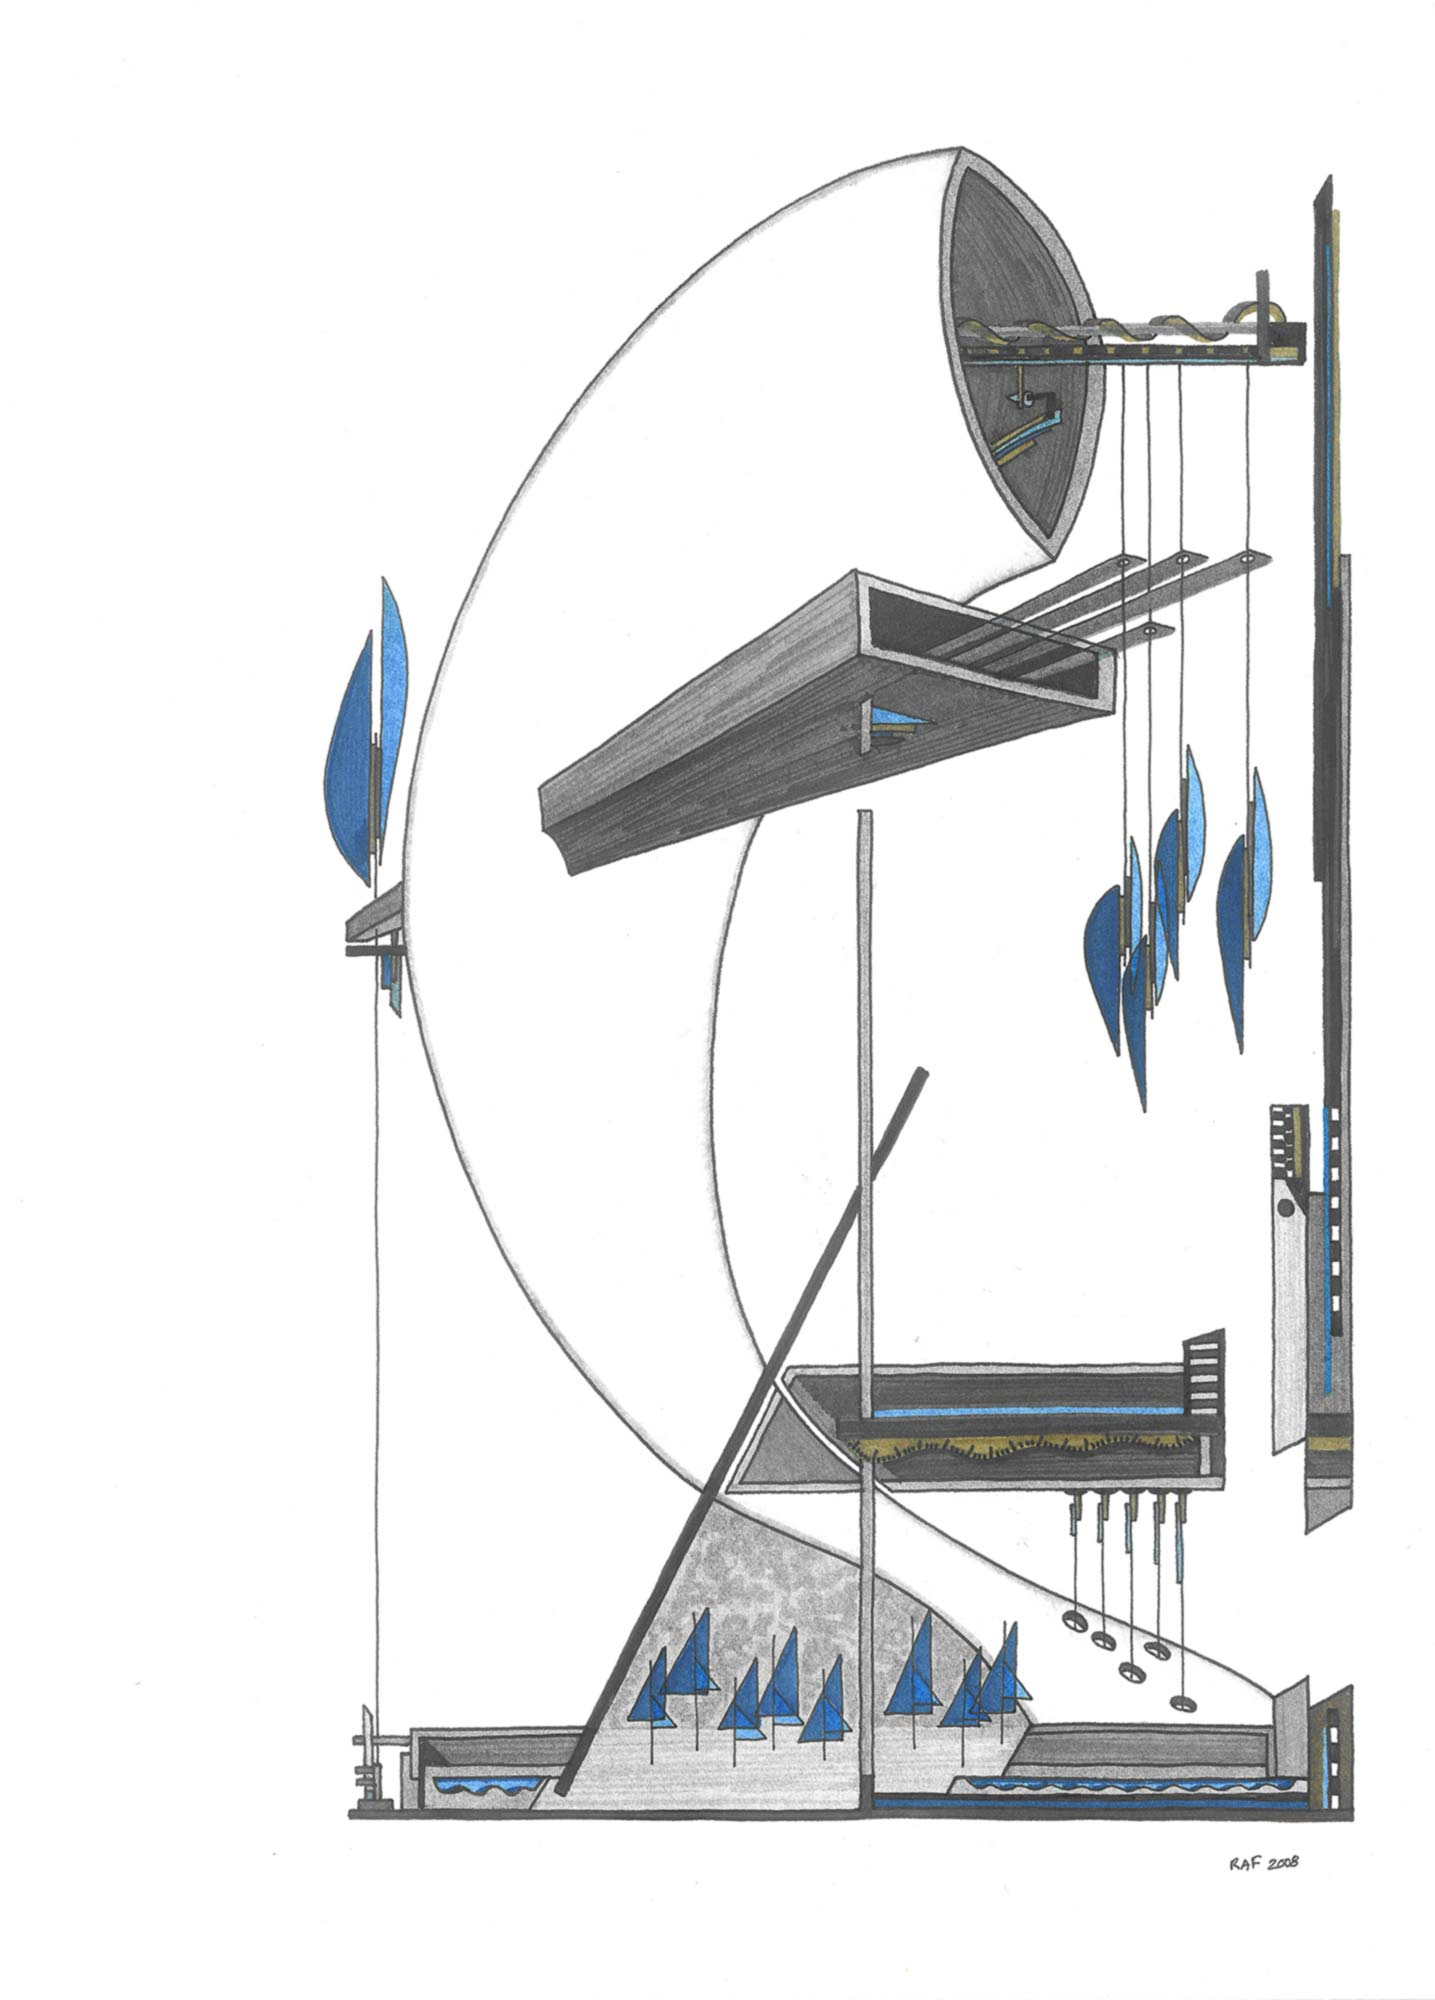 Les pendules de la baleine, dessin, Raf Listowski, 2008